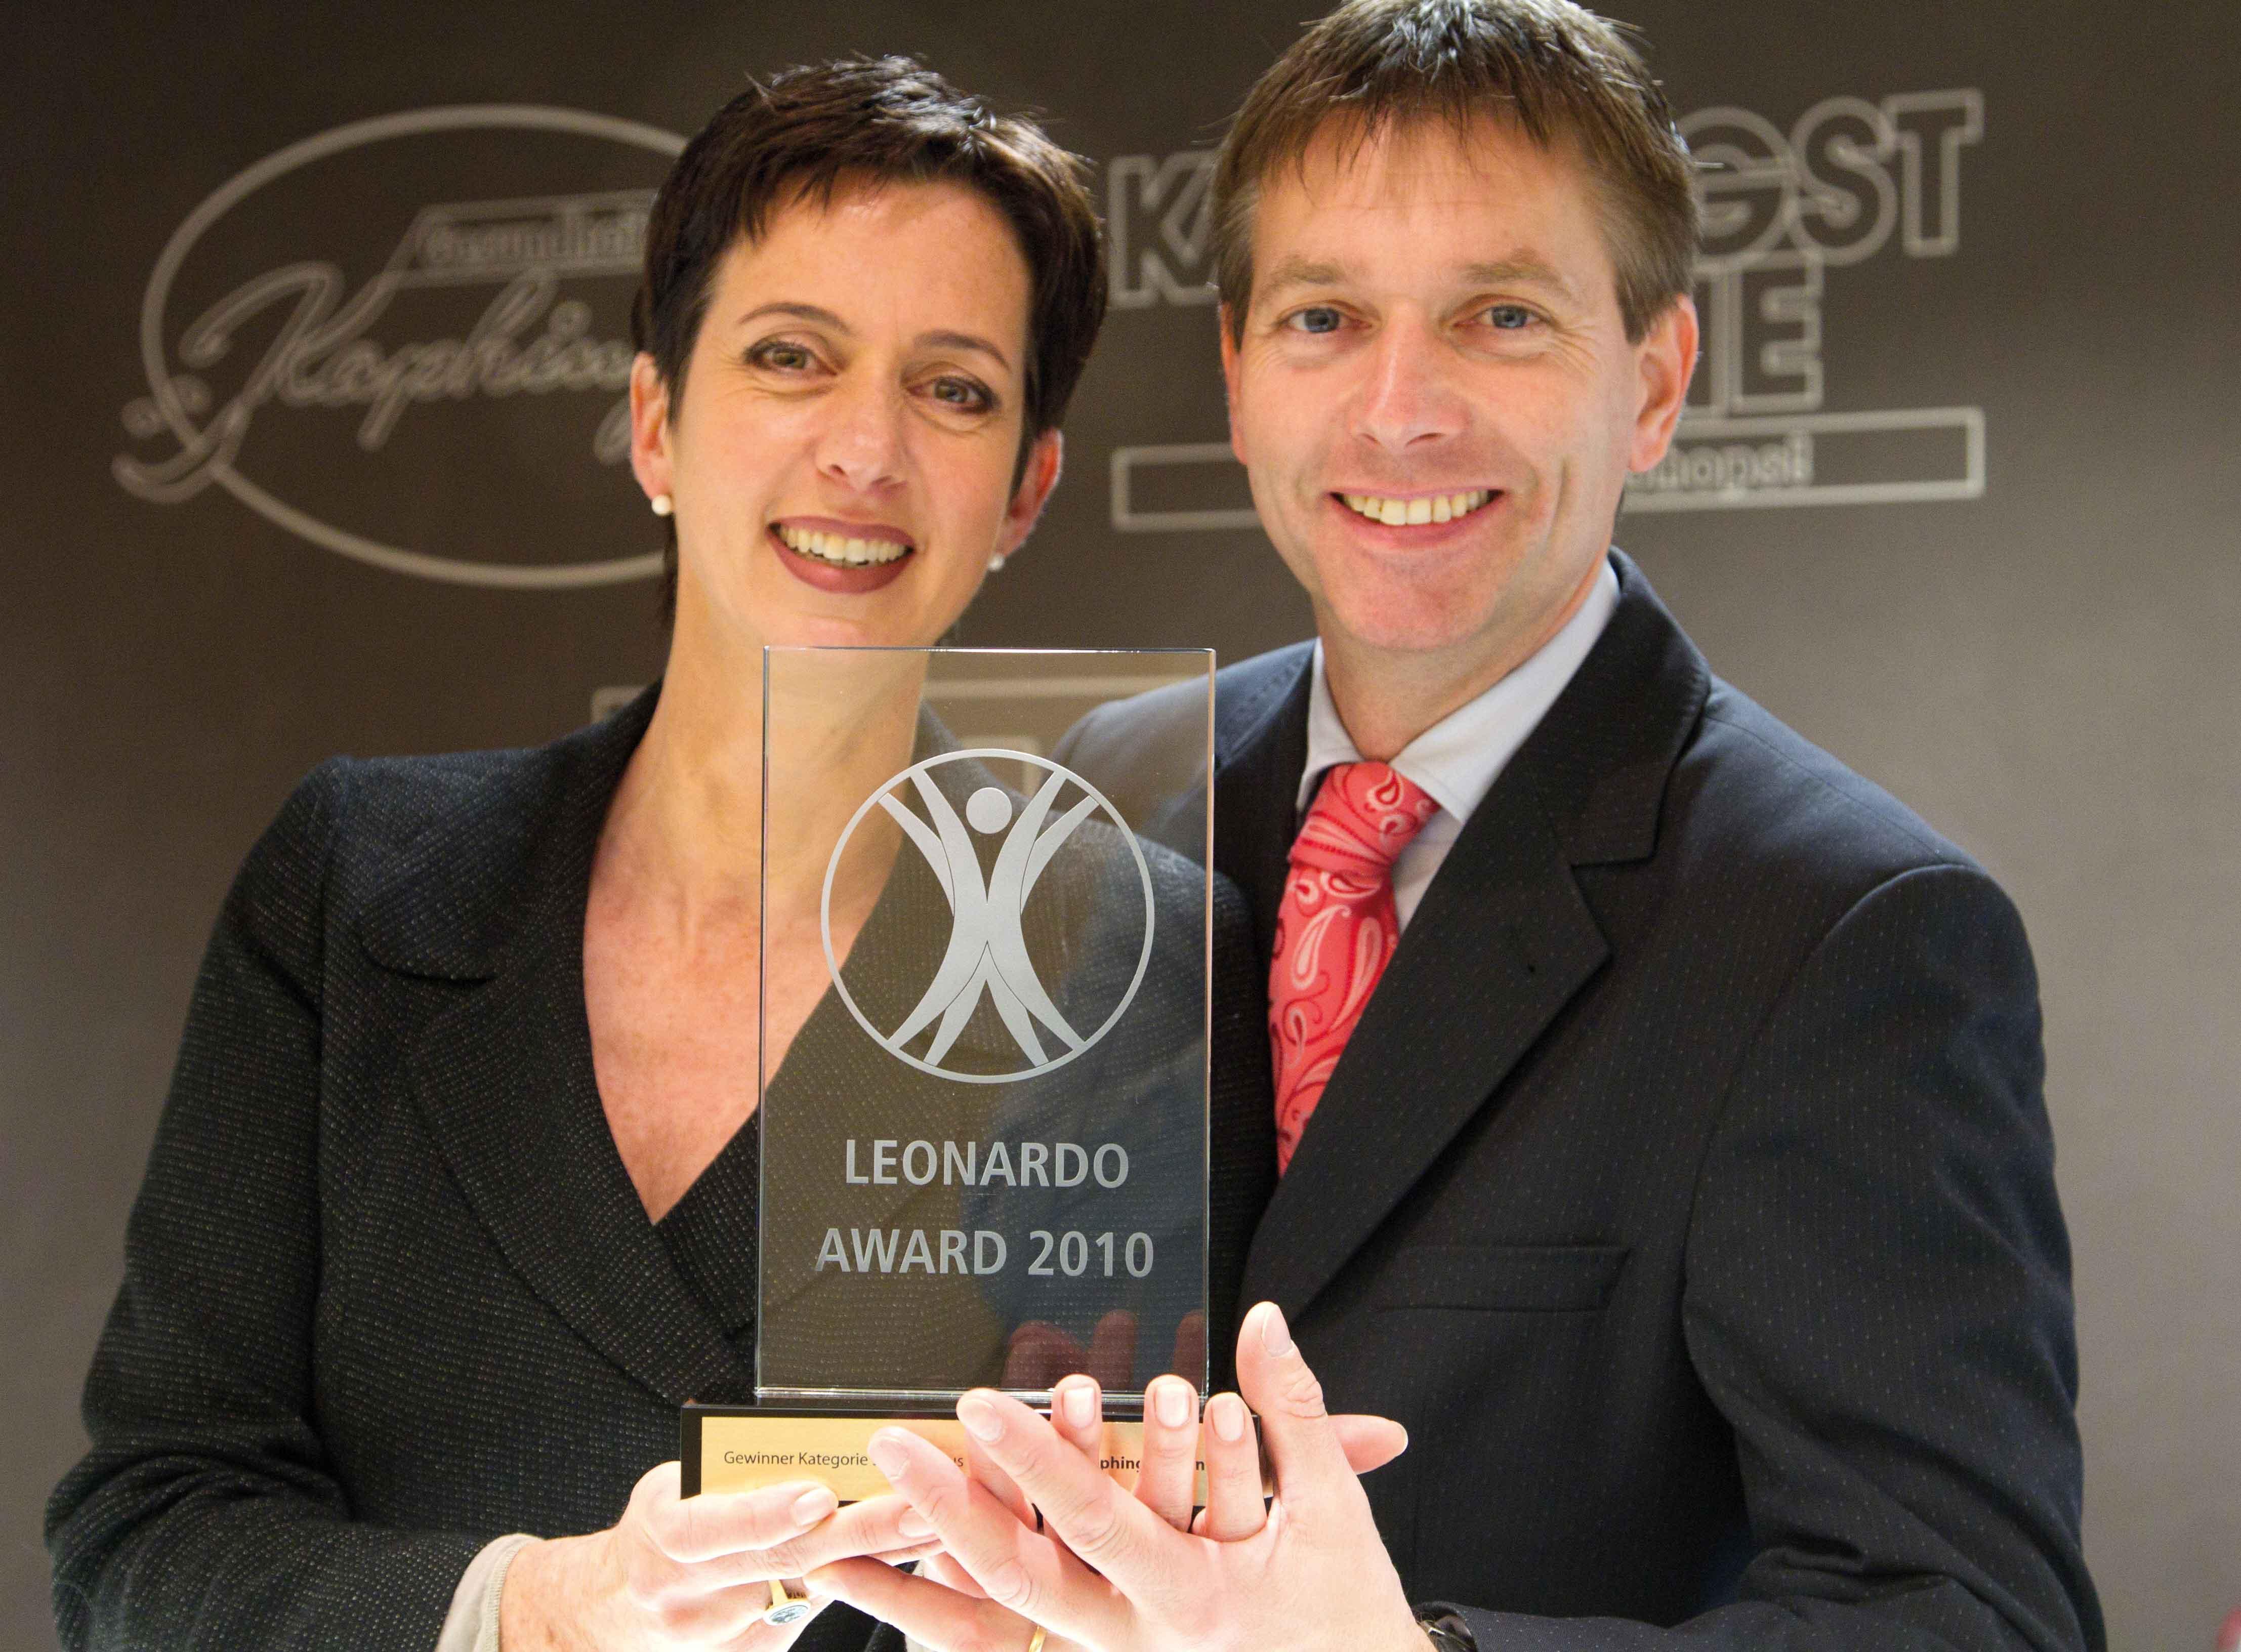 Kaphingst erhält 2010 den Leonardo-Award als bestes deutsches Gesundheits-Fachgeschäft